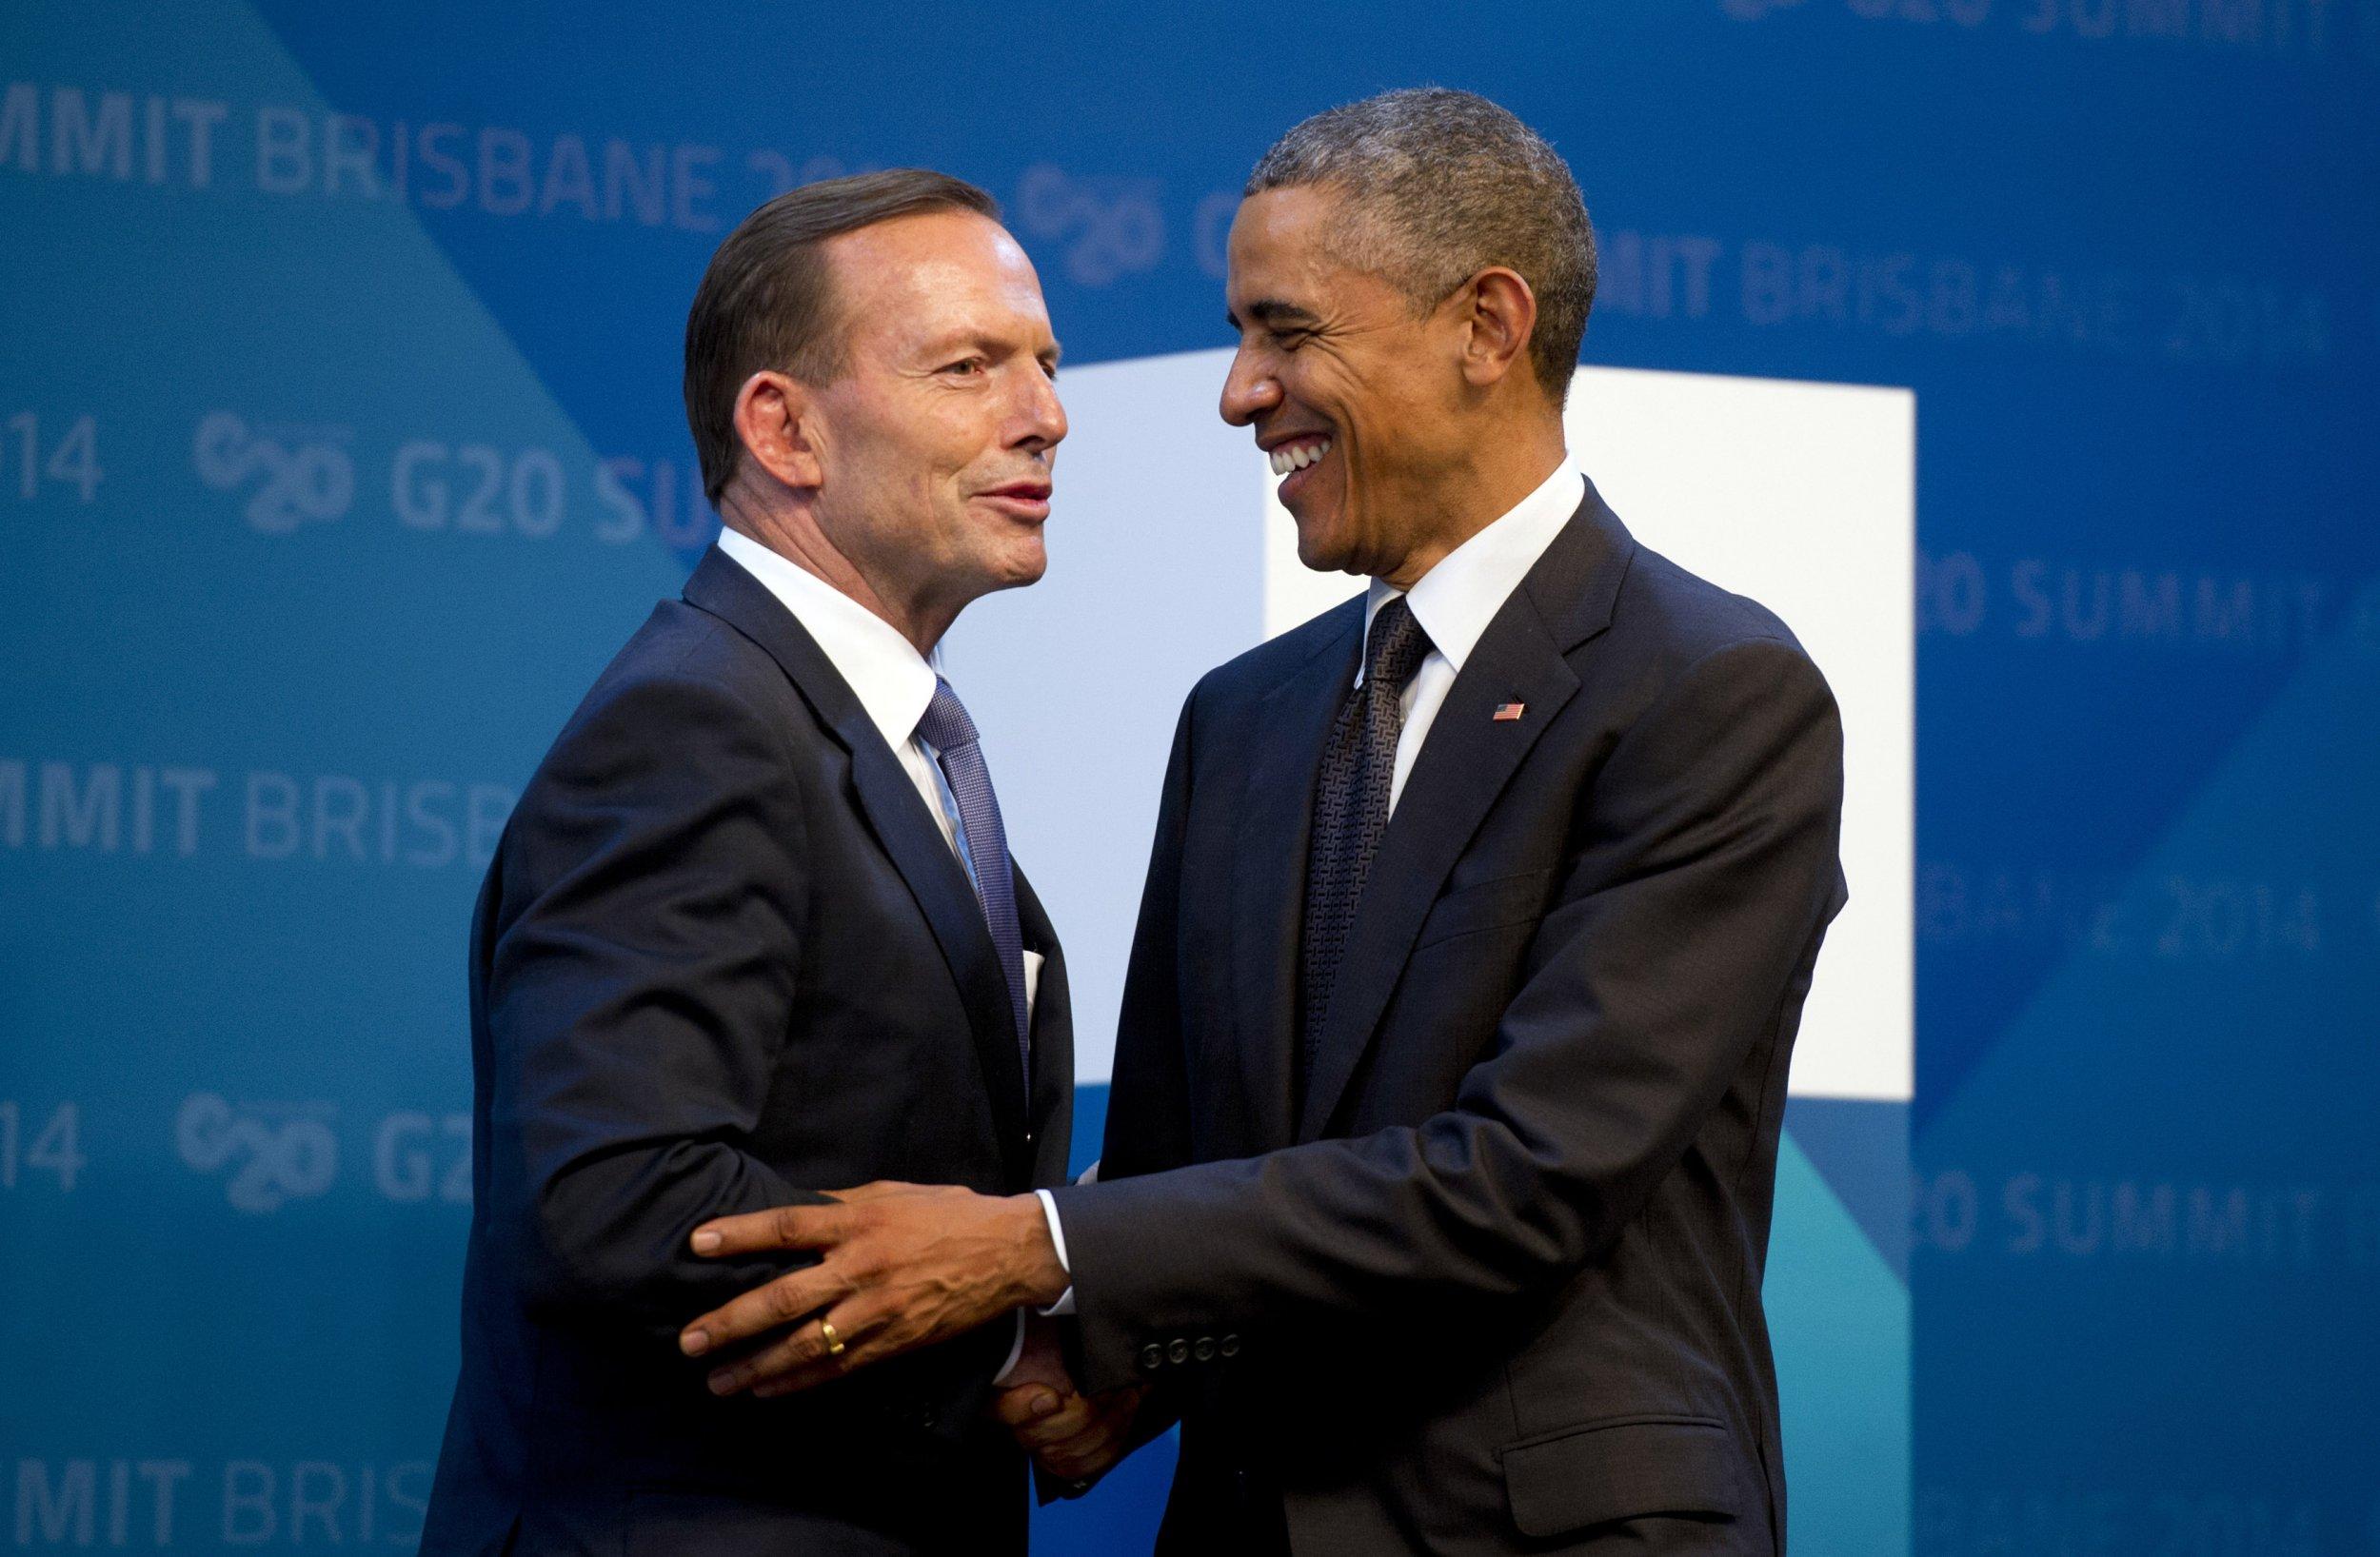 Tony Abbott and Obama